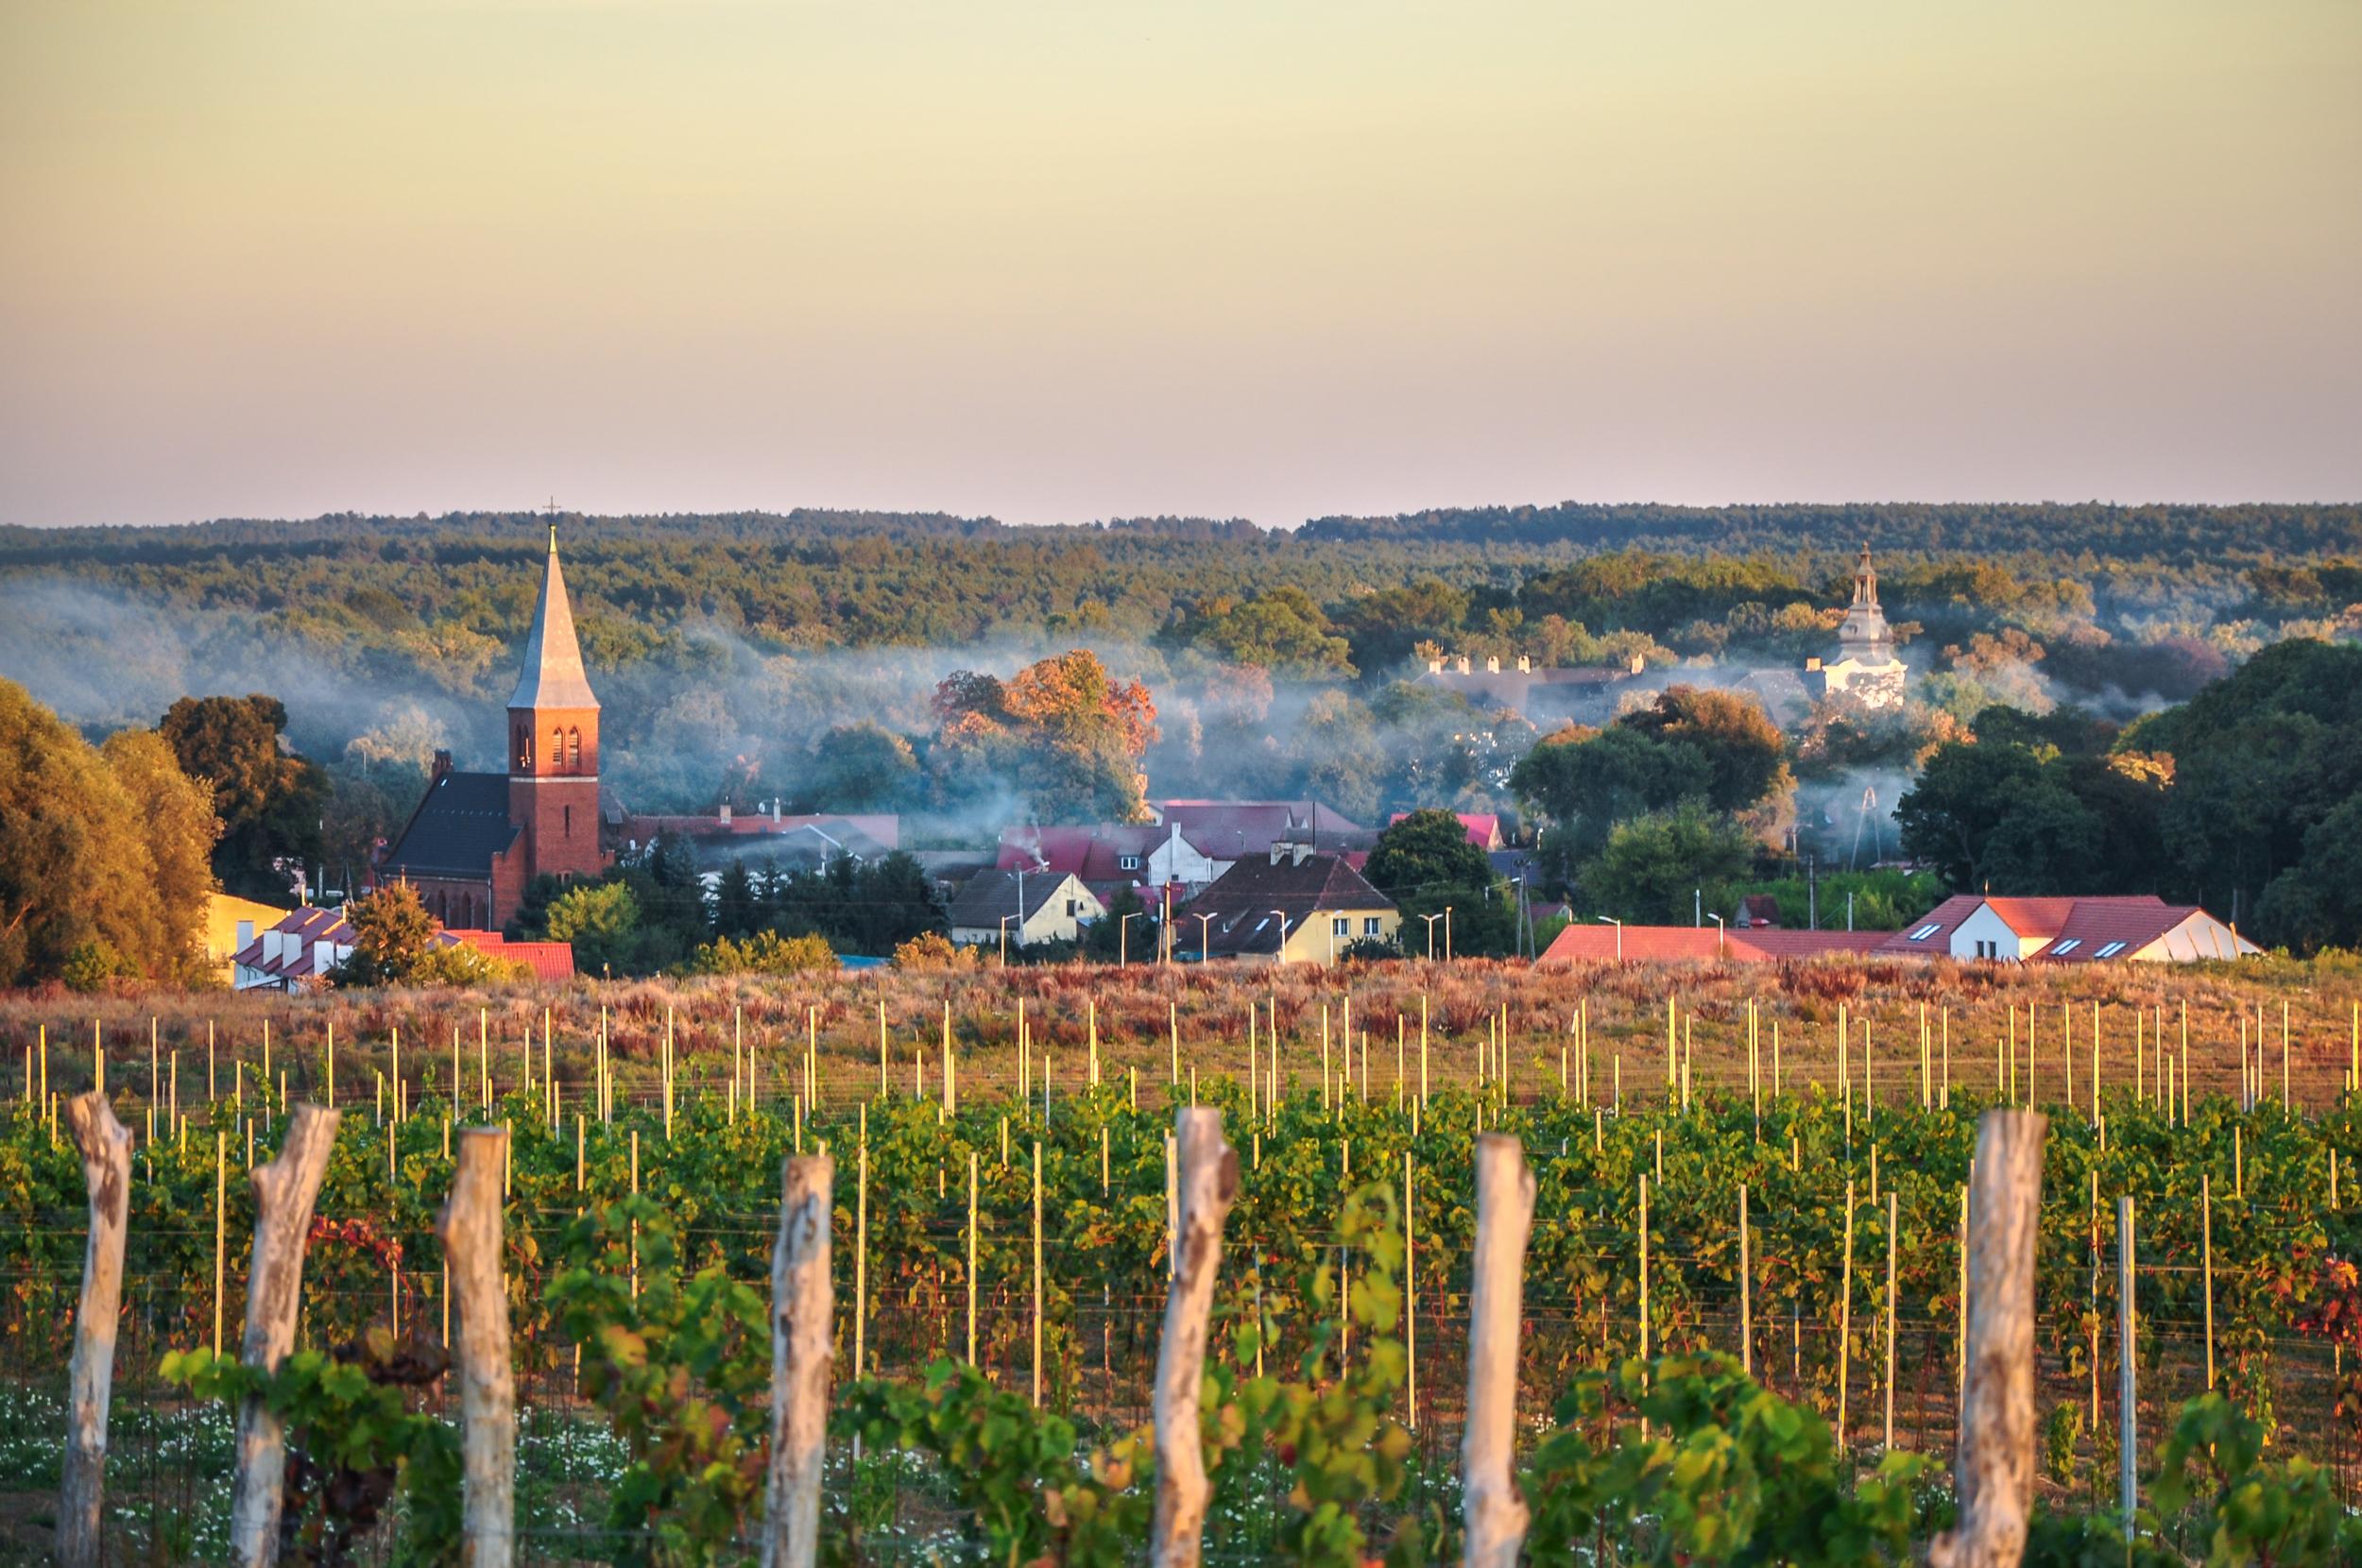 Co warto zwiedzić w województwie lubuskim?